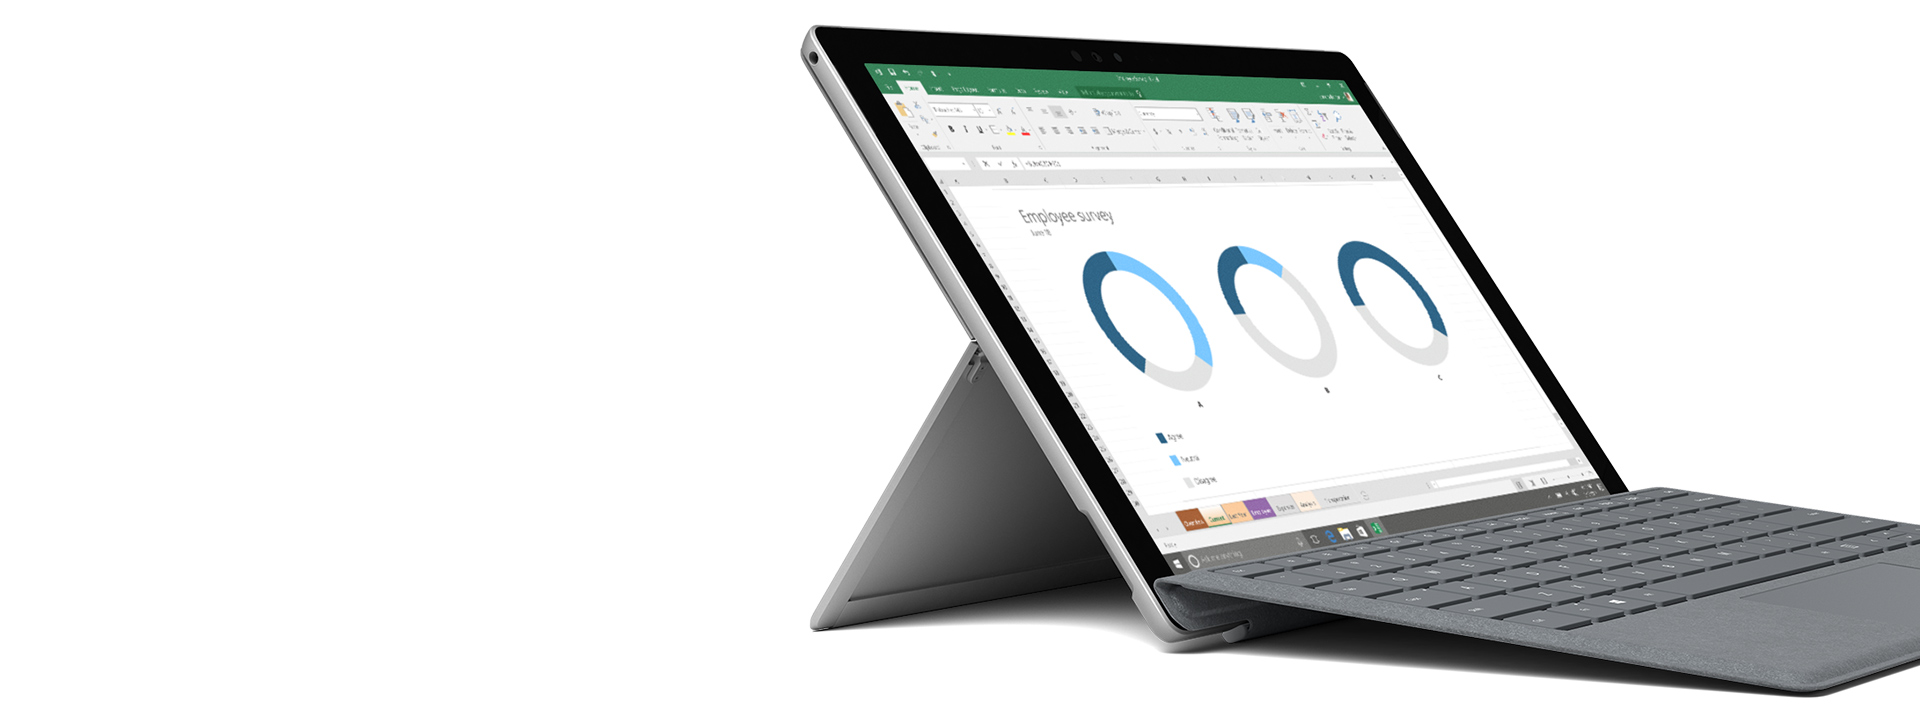 Windows/Office のスクリーンショットと Surface デバイス。